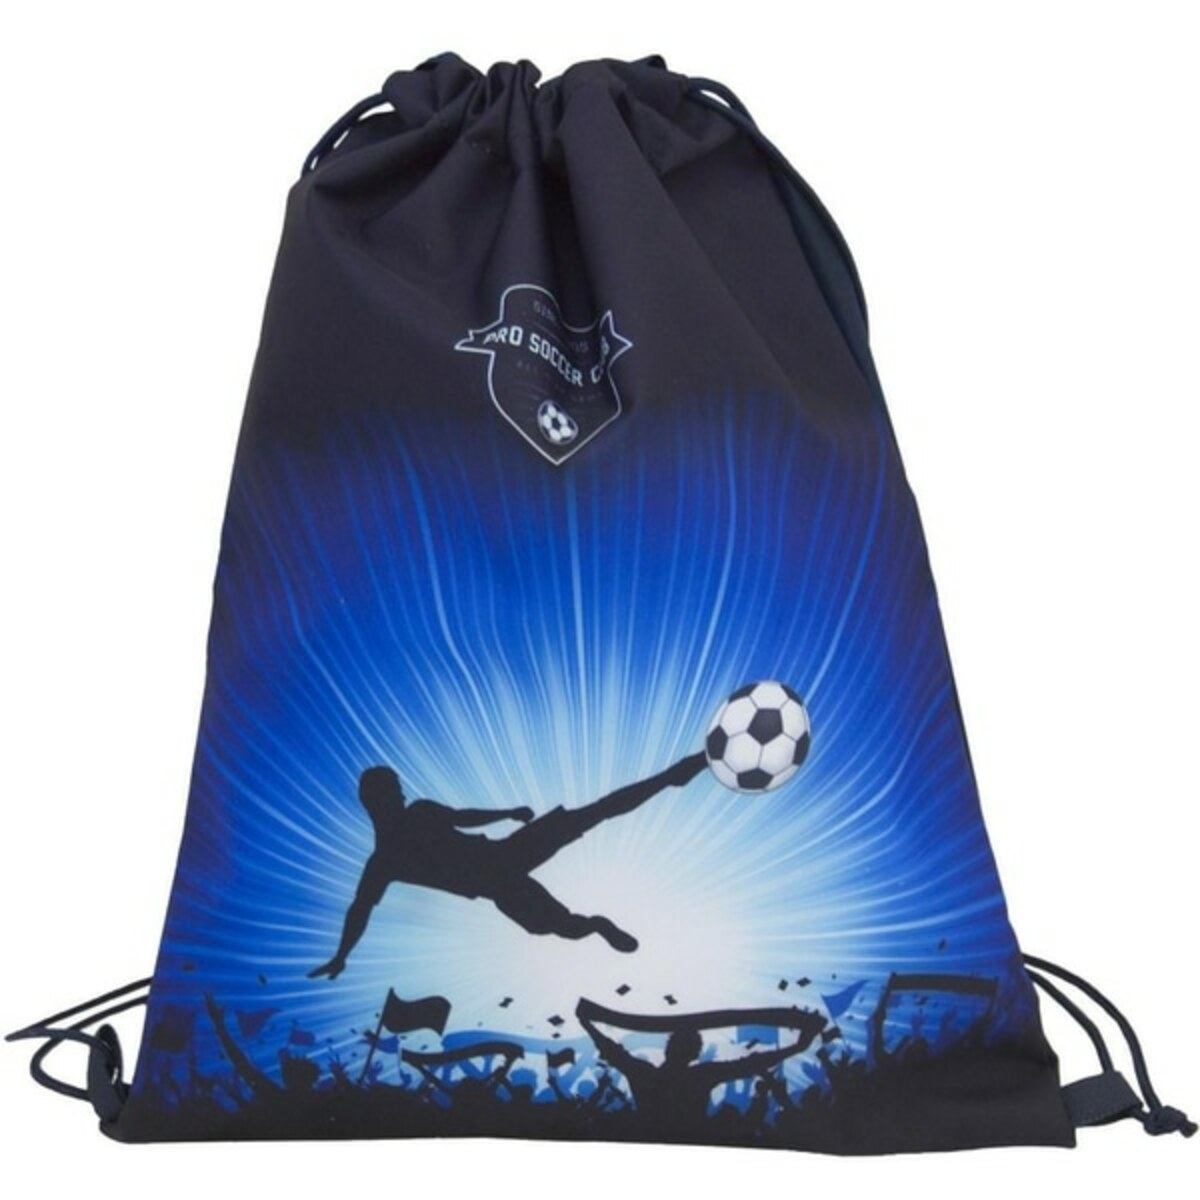 Bild 3 von Stylex - Ranzenset Fußball, 3-tlg.